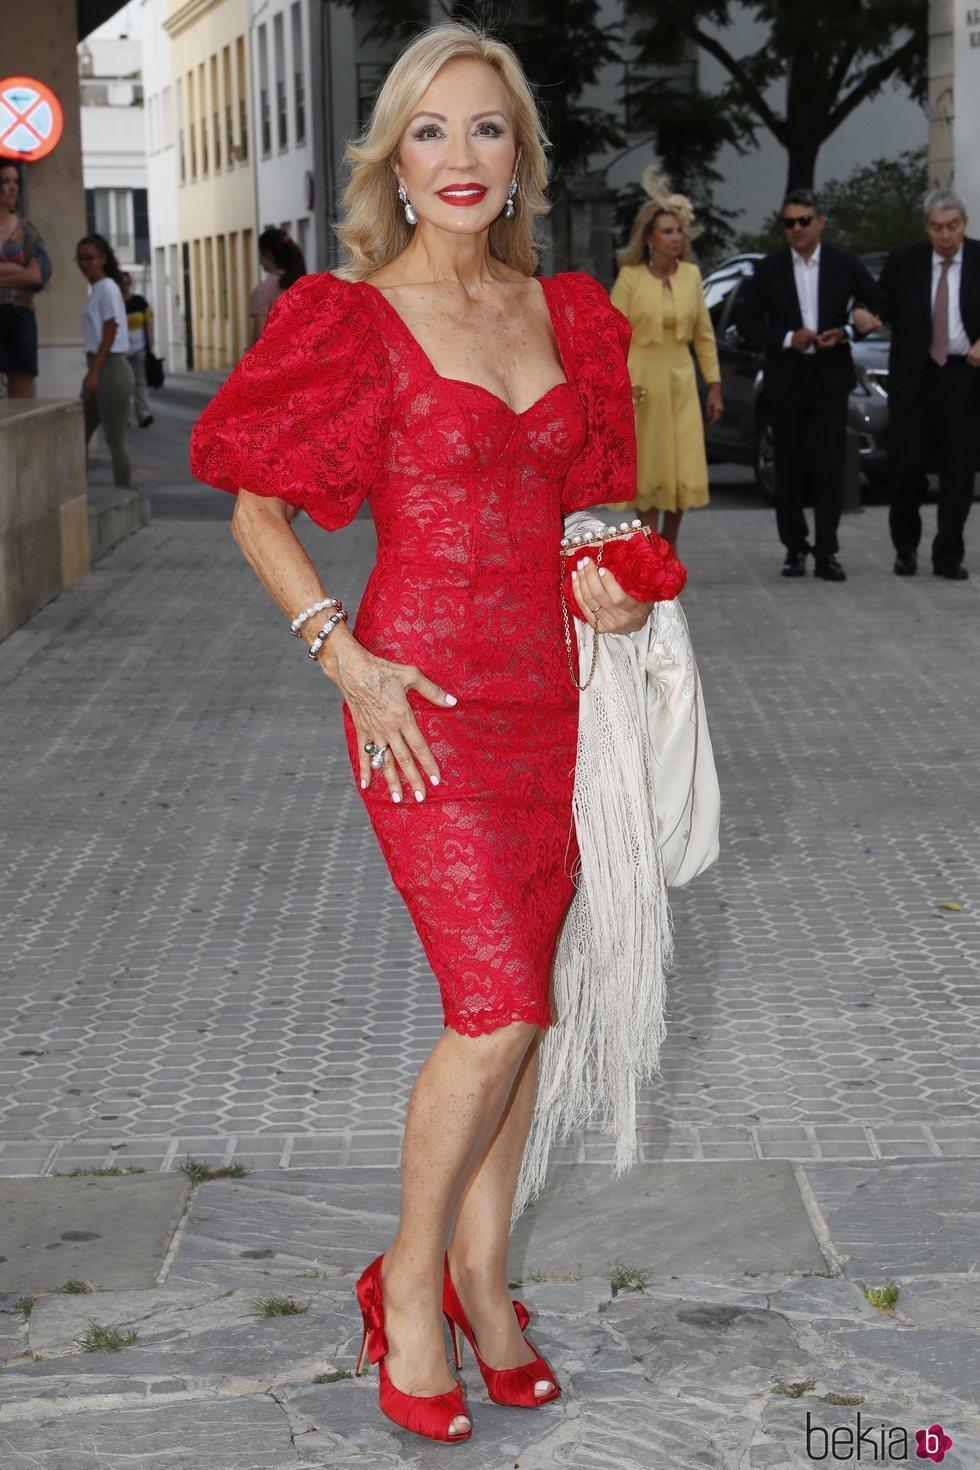 Carmen Lomana en la boda de Ainhoa Arteta y Matías Urrea